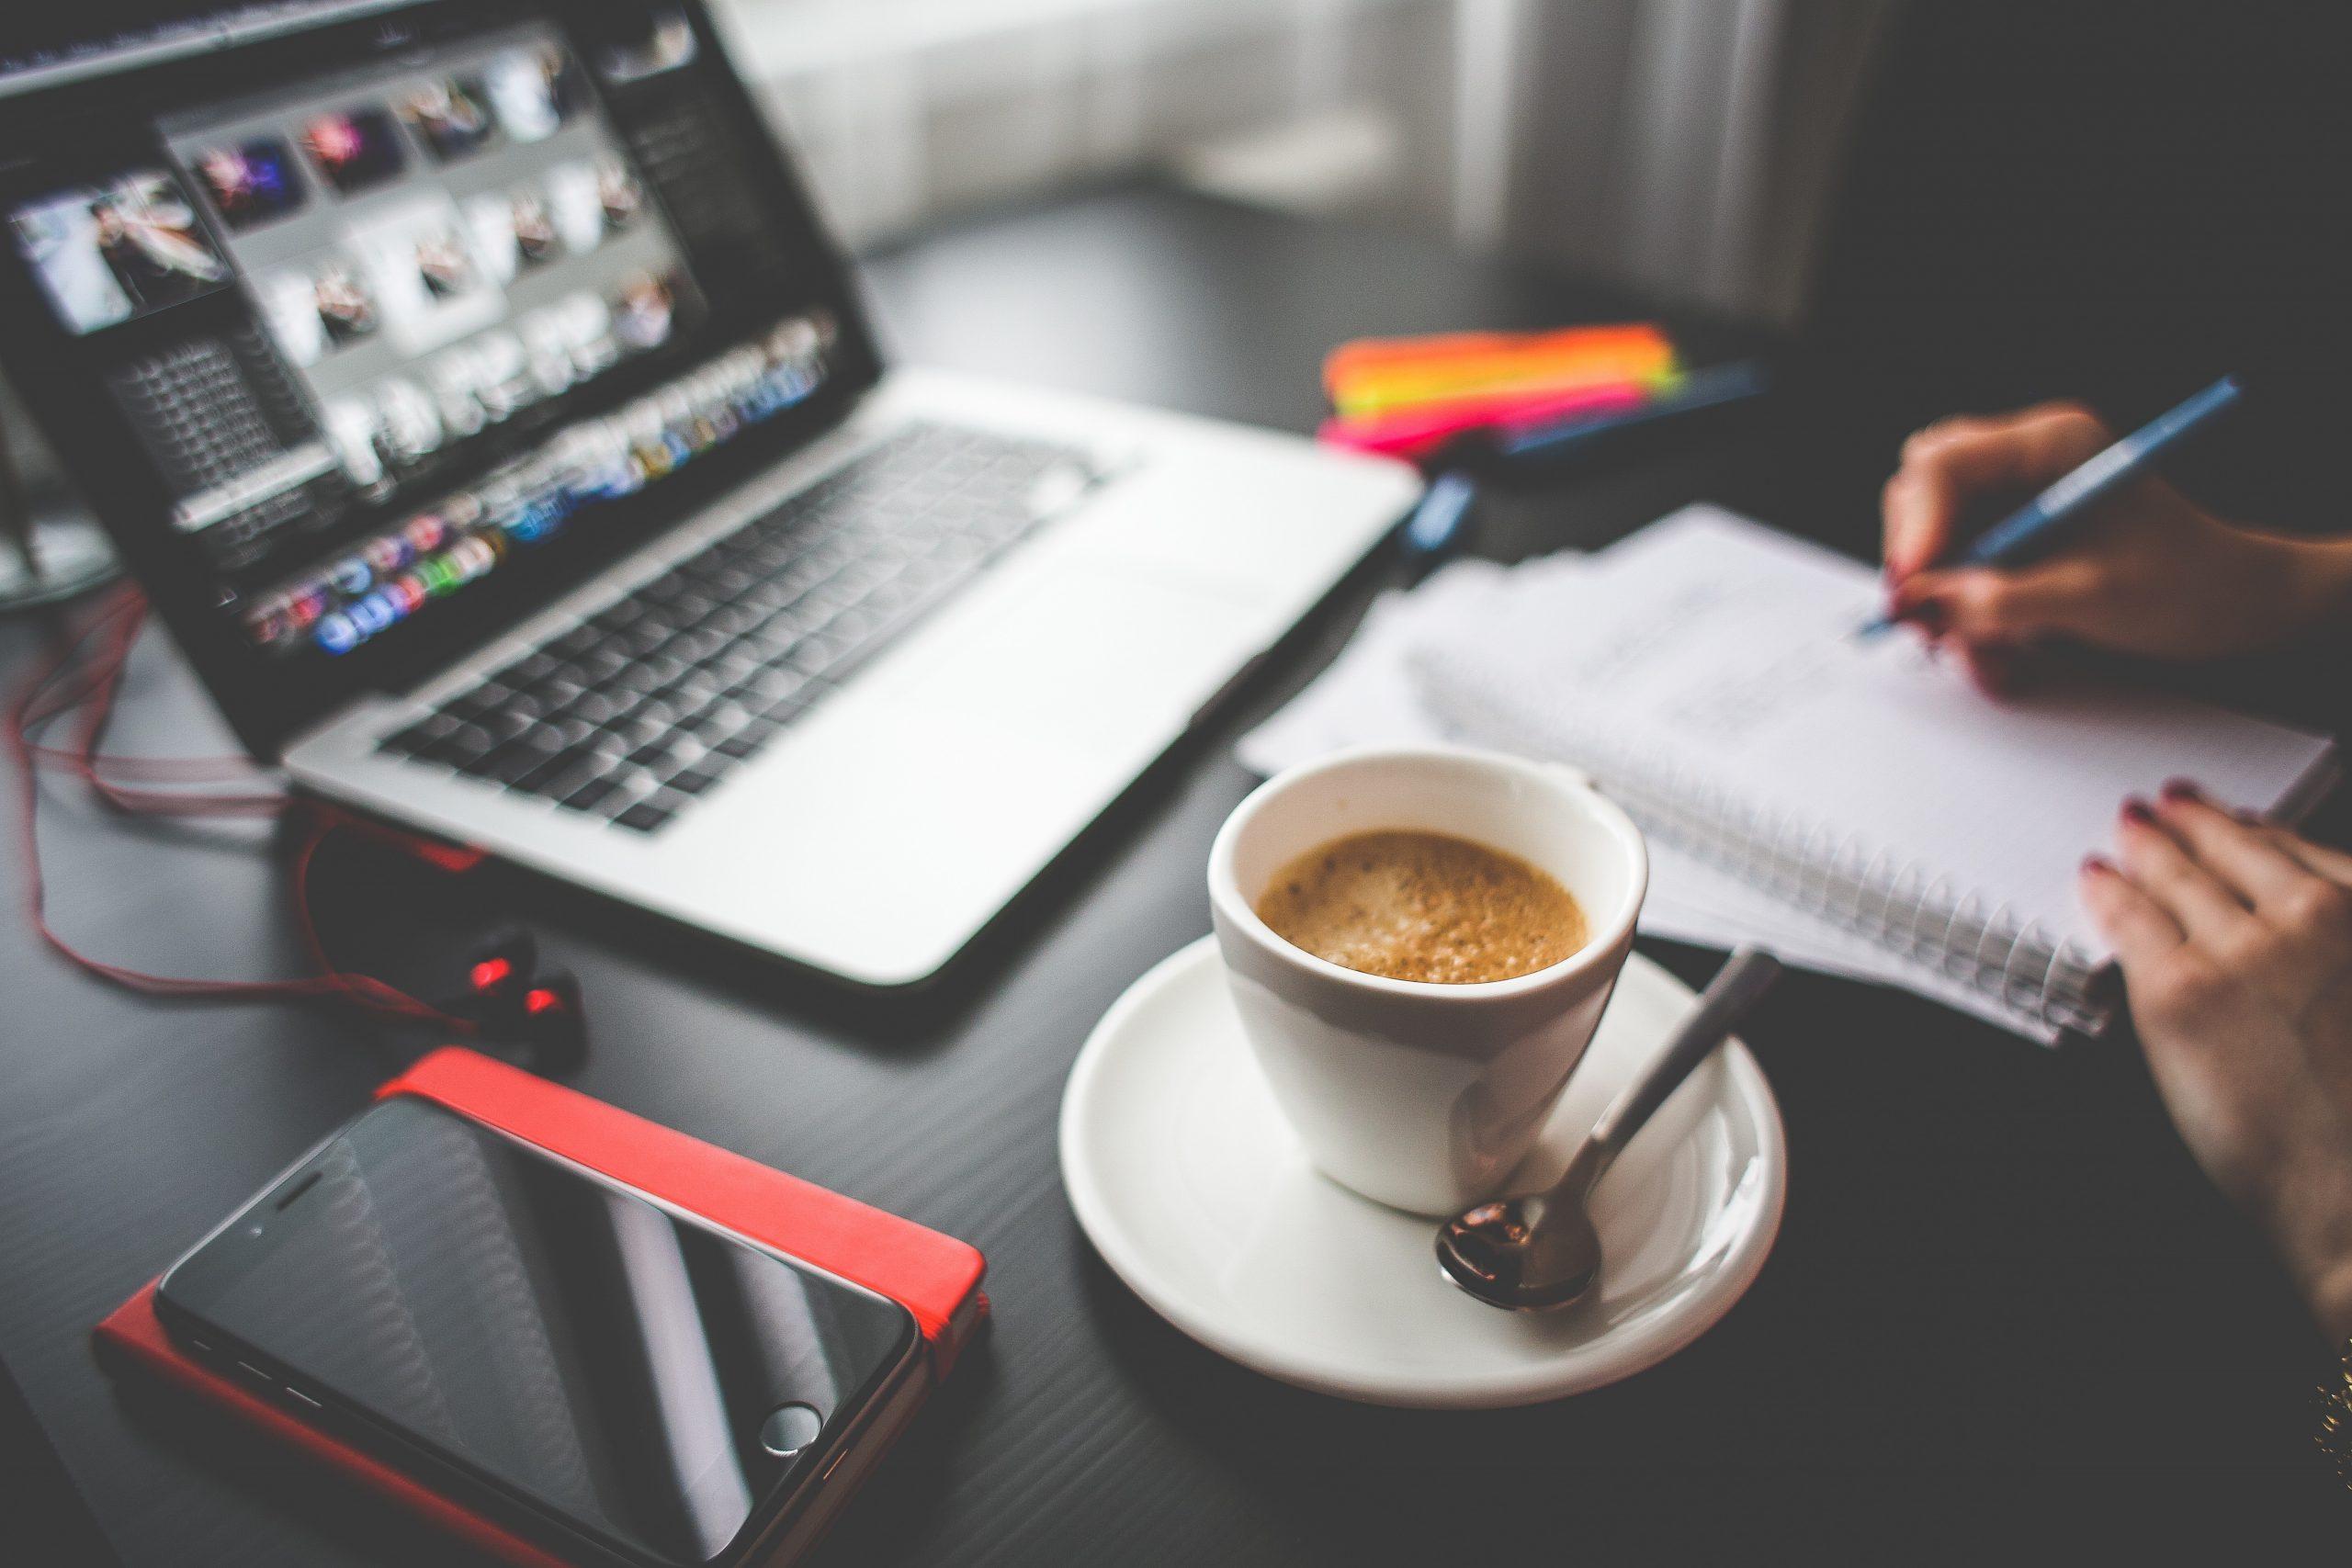 #WorkFromHome | Uso de ferramentas online